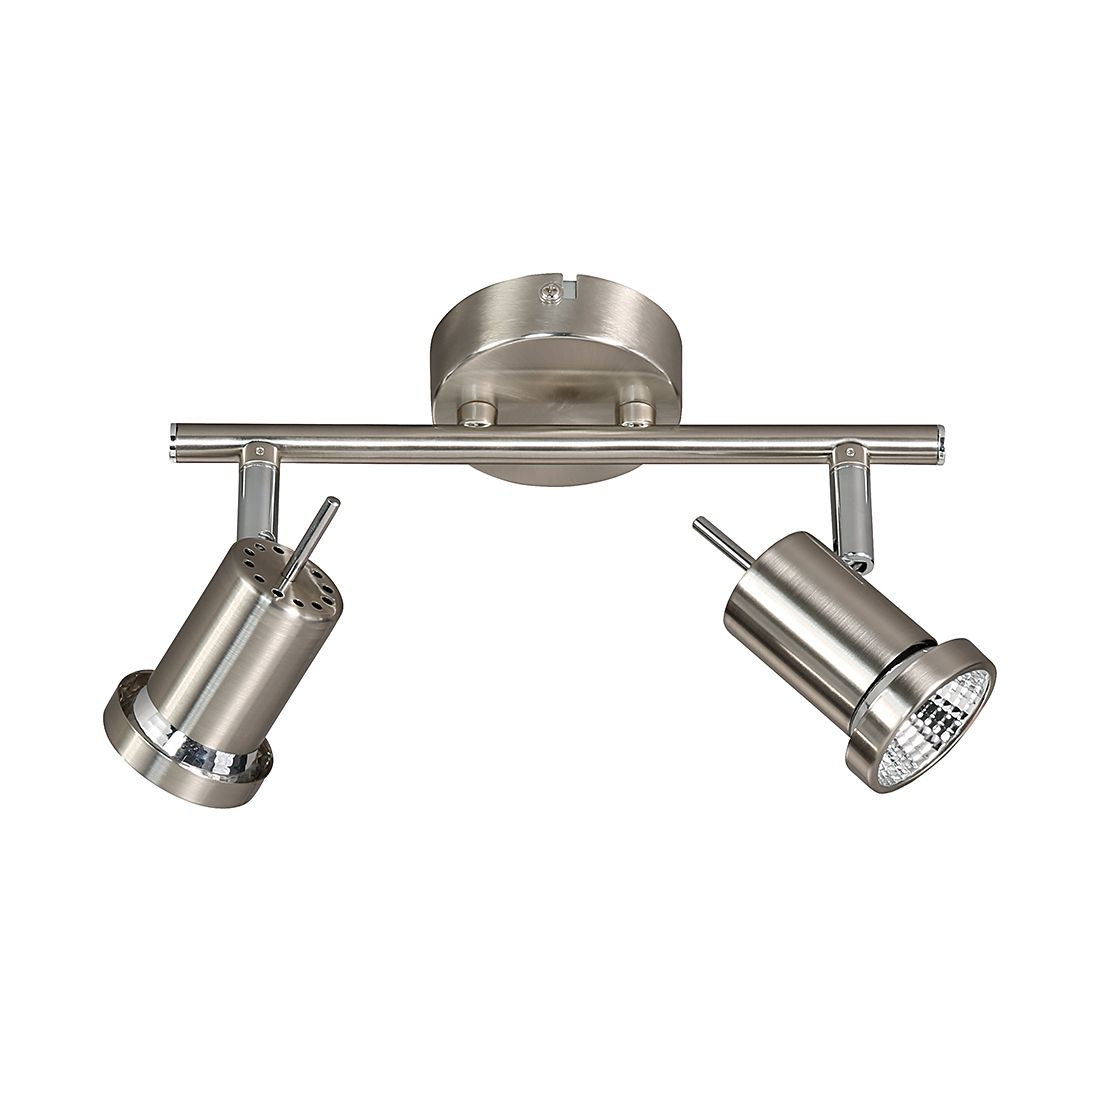 energie A+, Plafondlamp HOORN metaal 2 lichtbronnen, Action